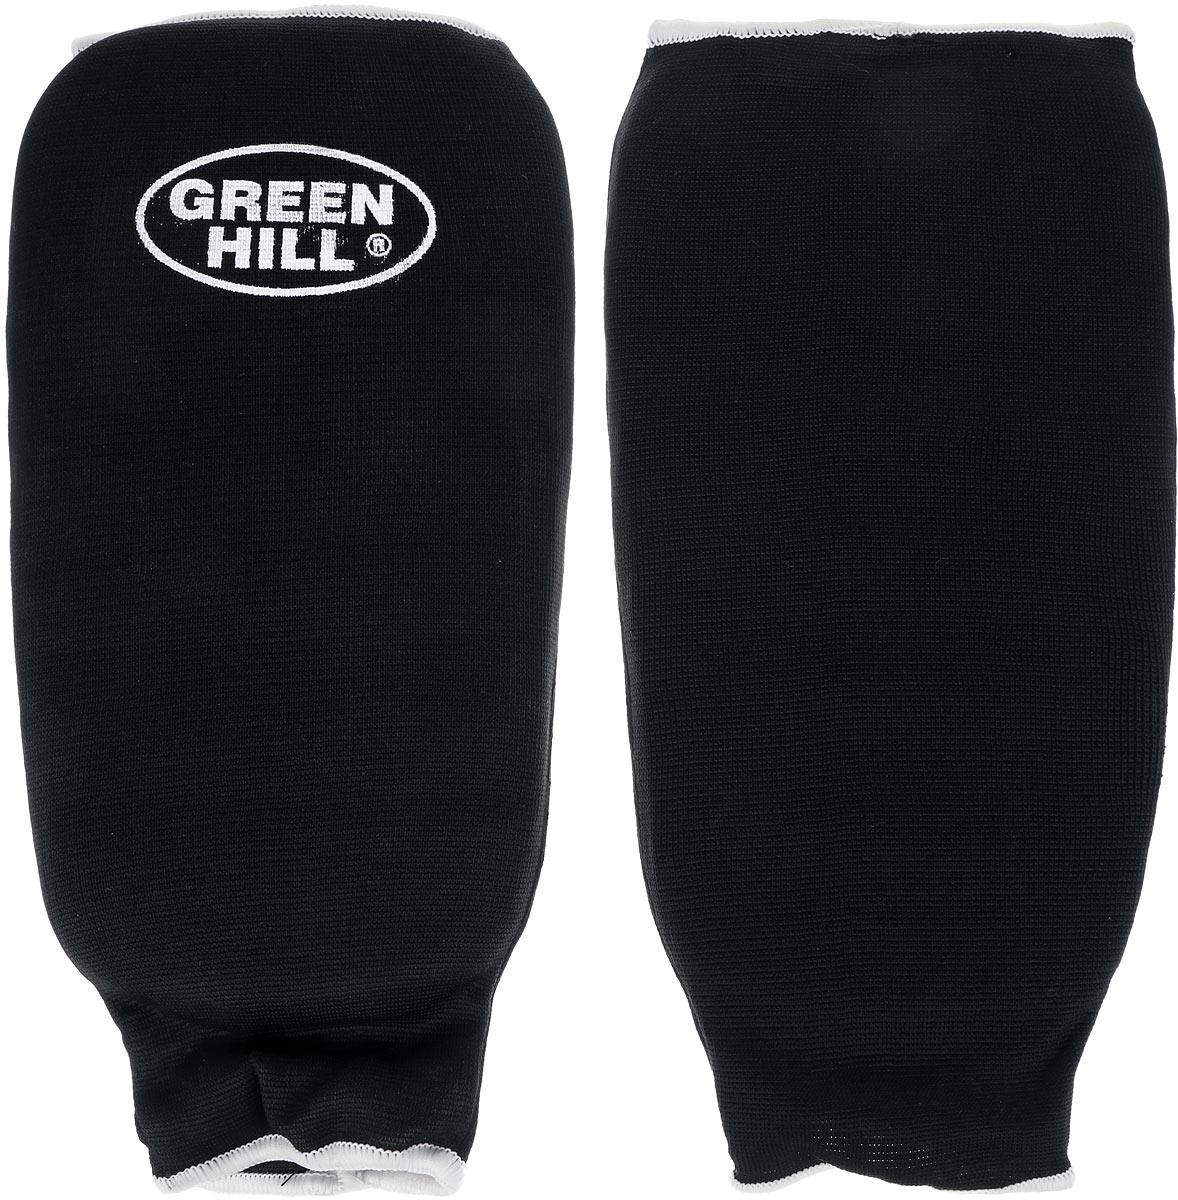 Защита голени  Green Hill , цвет: черный, белый. Размер M. SPC-6210 - Единоборства